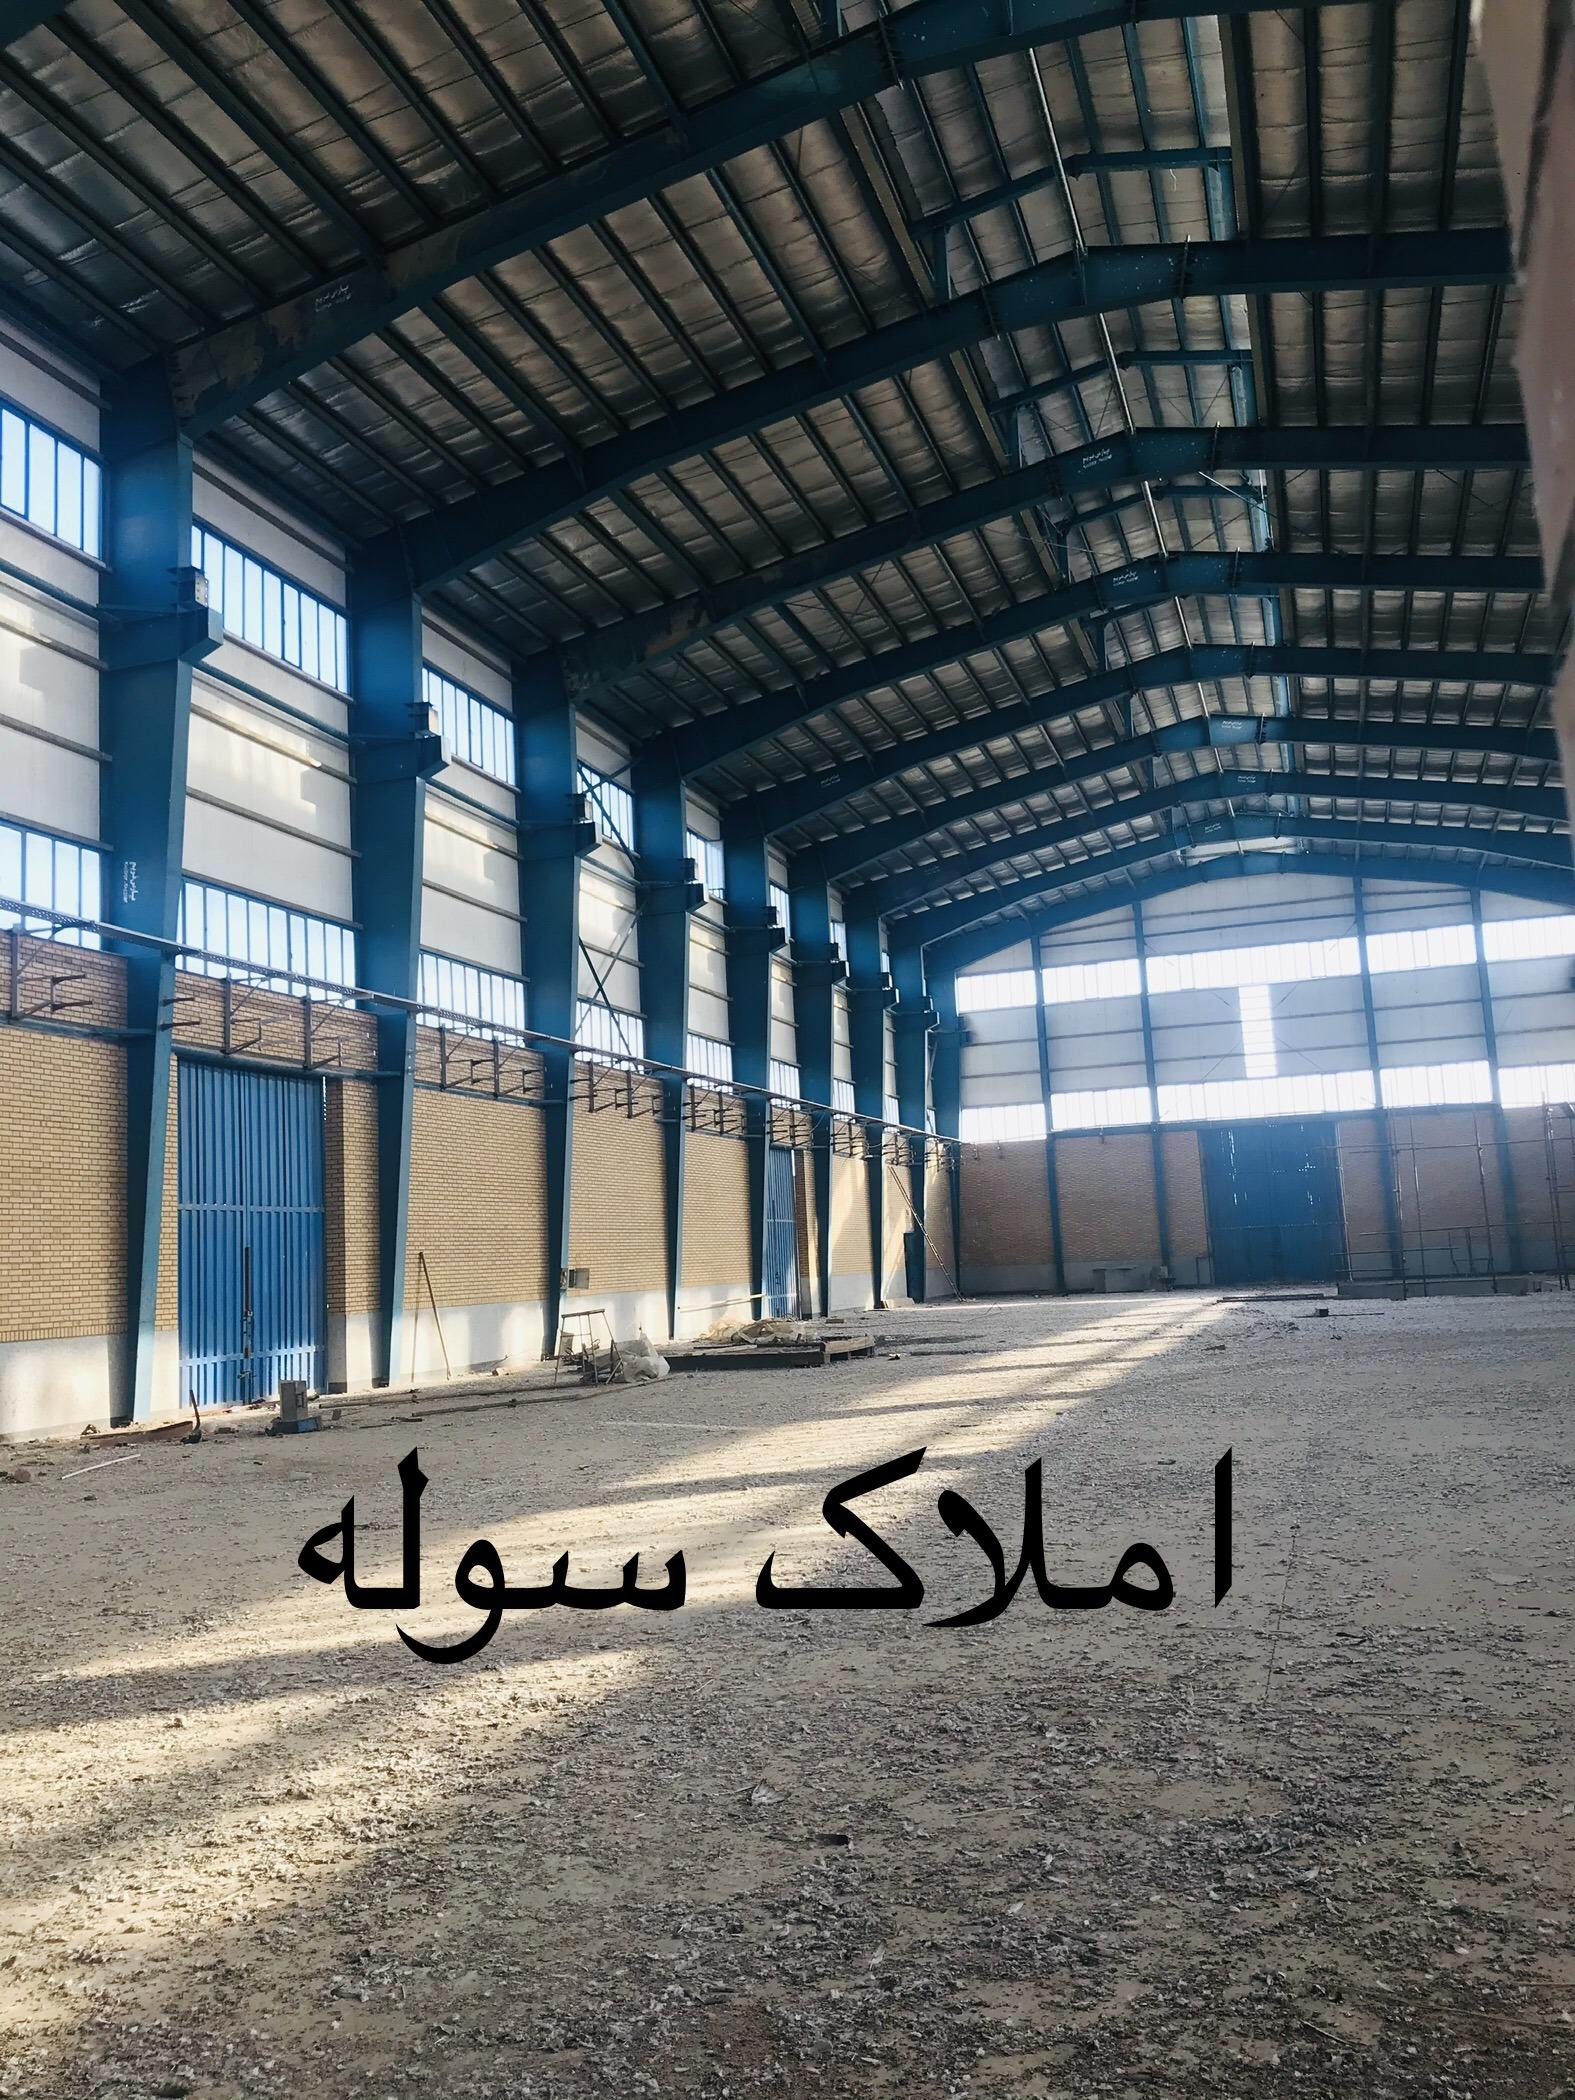 اجاره سوله 400 متری در شهرک صنعتی شمس آباد